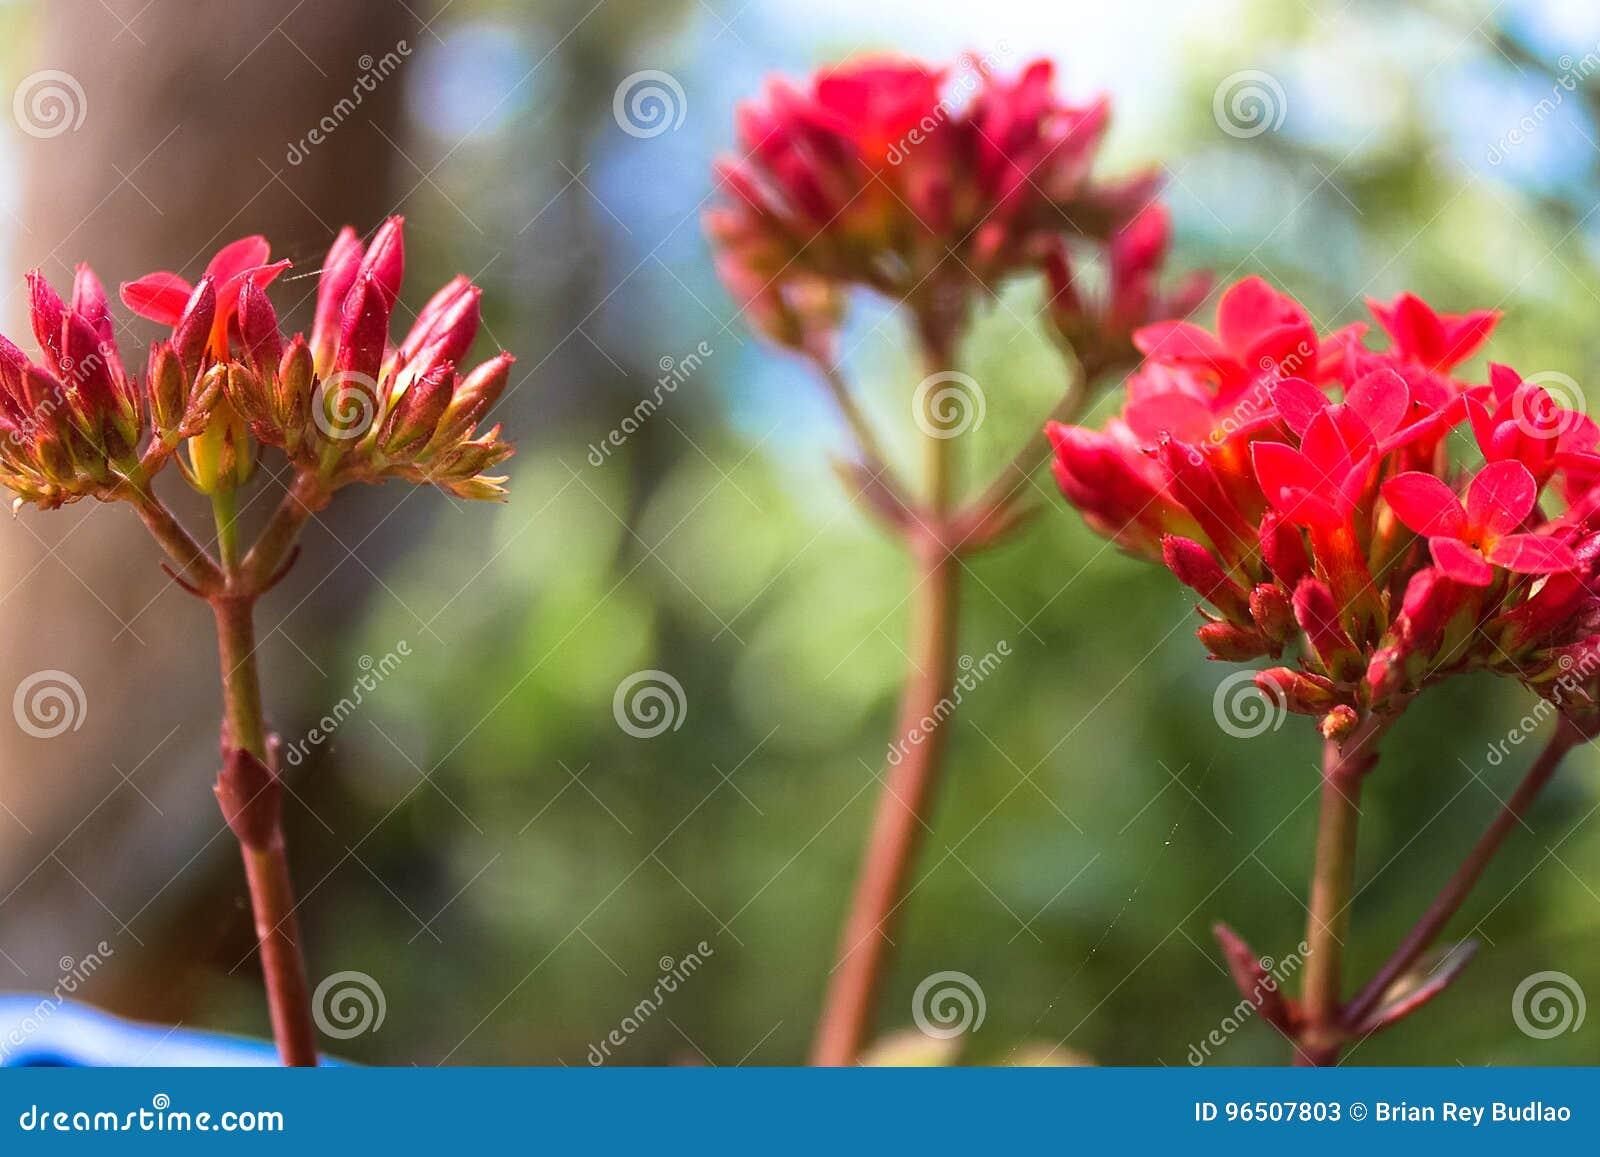 Duft von einer Blume